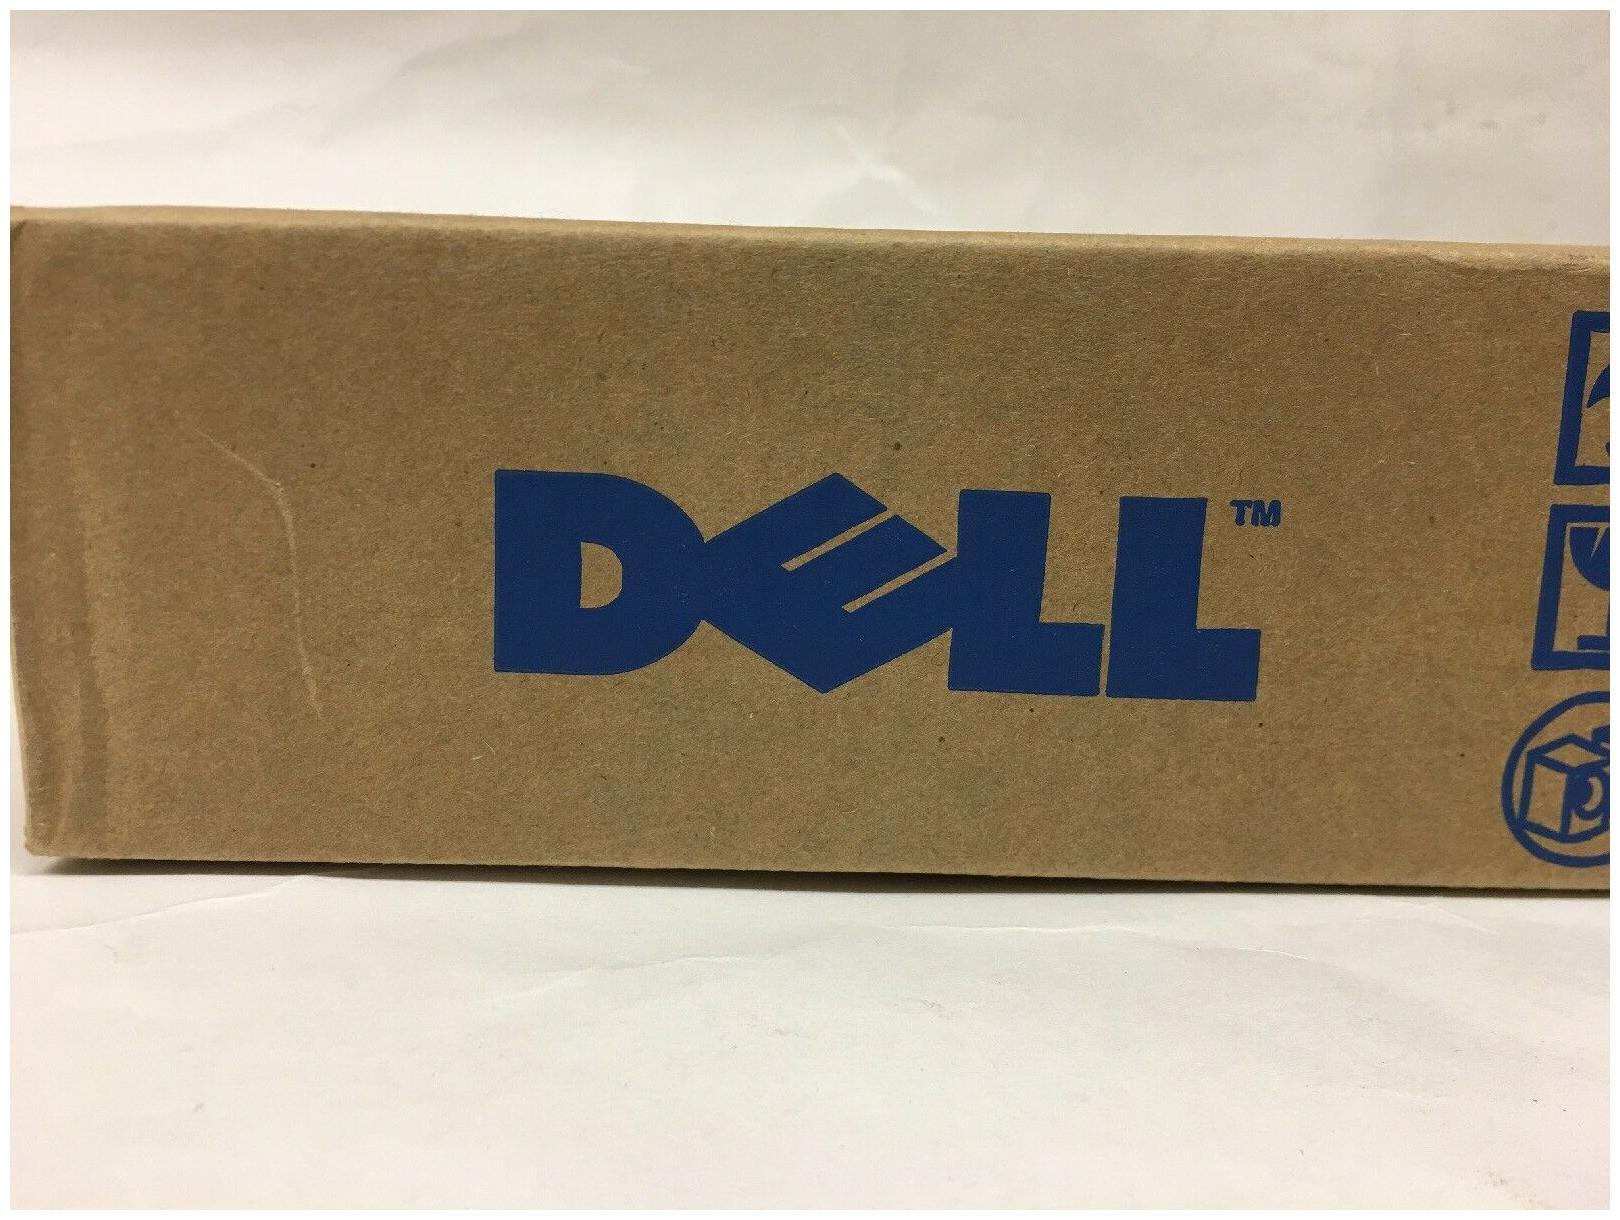 0CJ378 New Dell A225 Computer Speakers USB Multimedia Speaker System NIB Q3